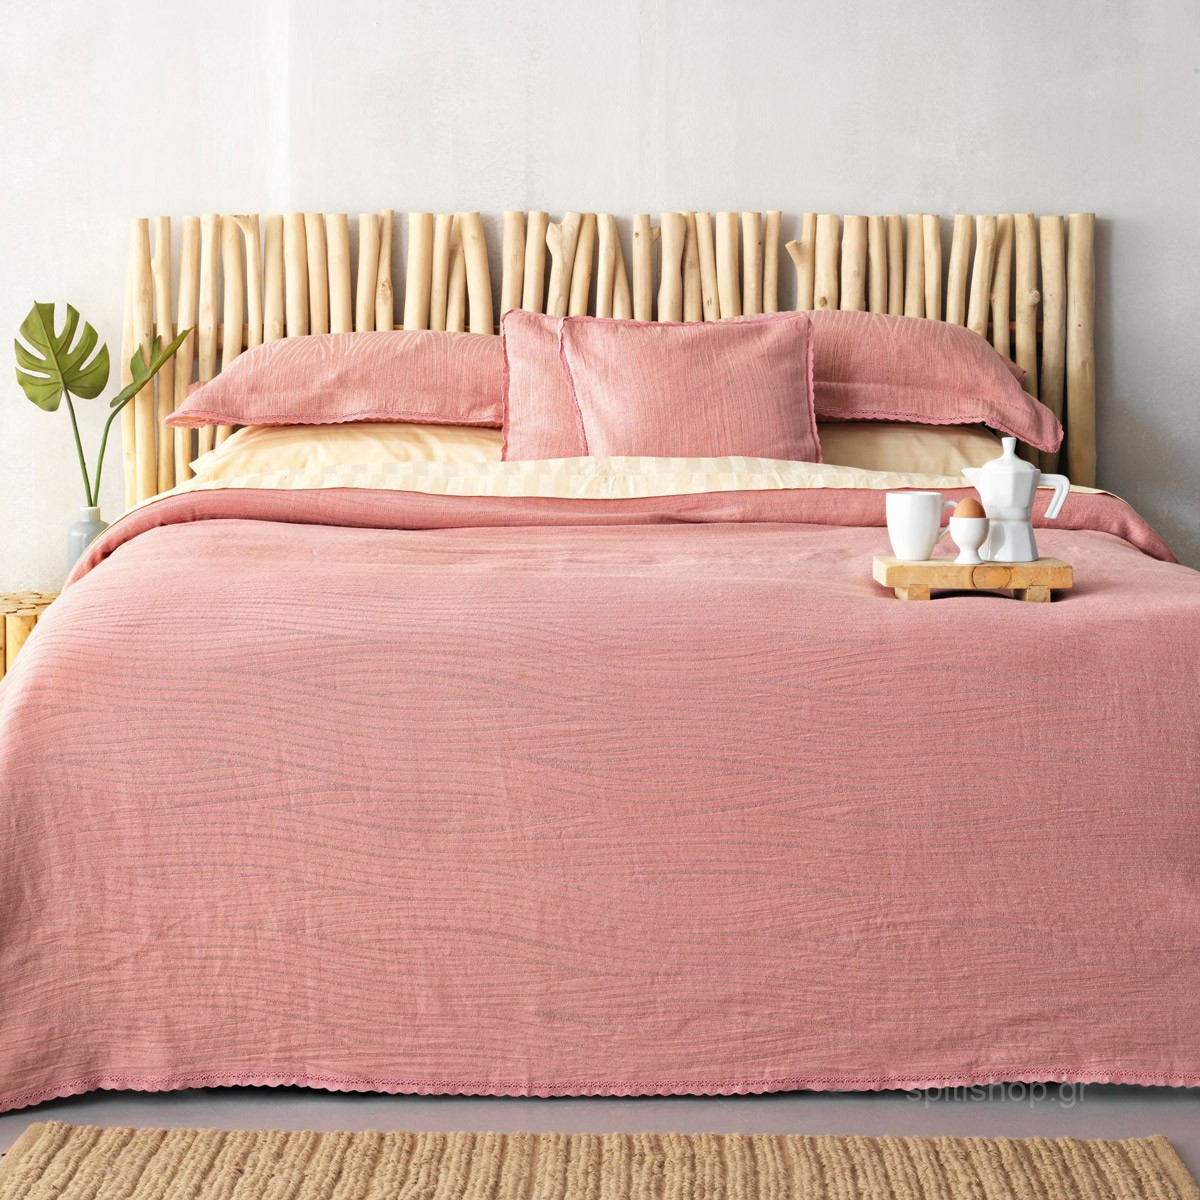 Διακοσμητική Μαξιλαροθήκη Palamaiki Daily 1099 Dark Pink home   κρεβατοκάμαρα   διακοσμητικά μαξιλάρια